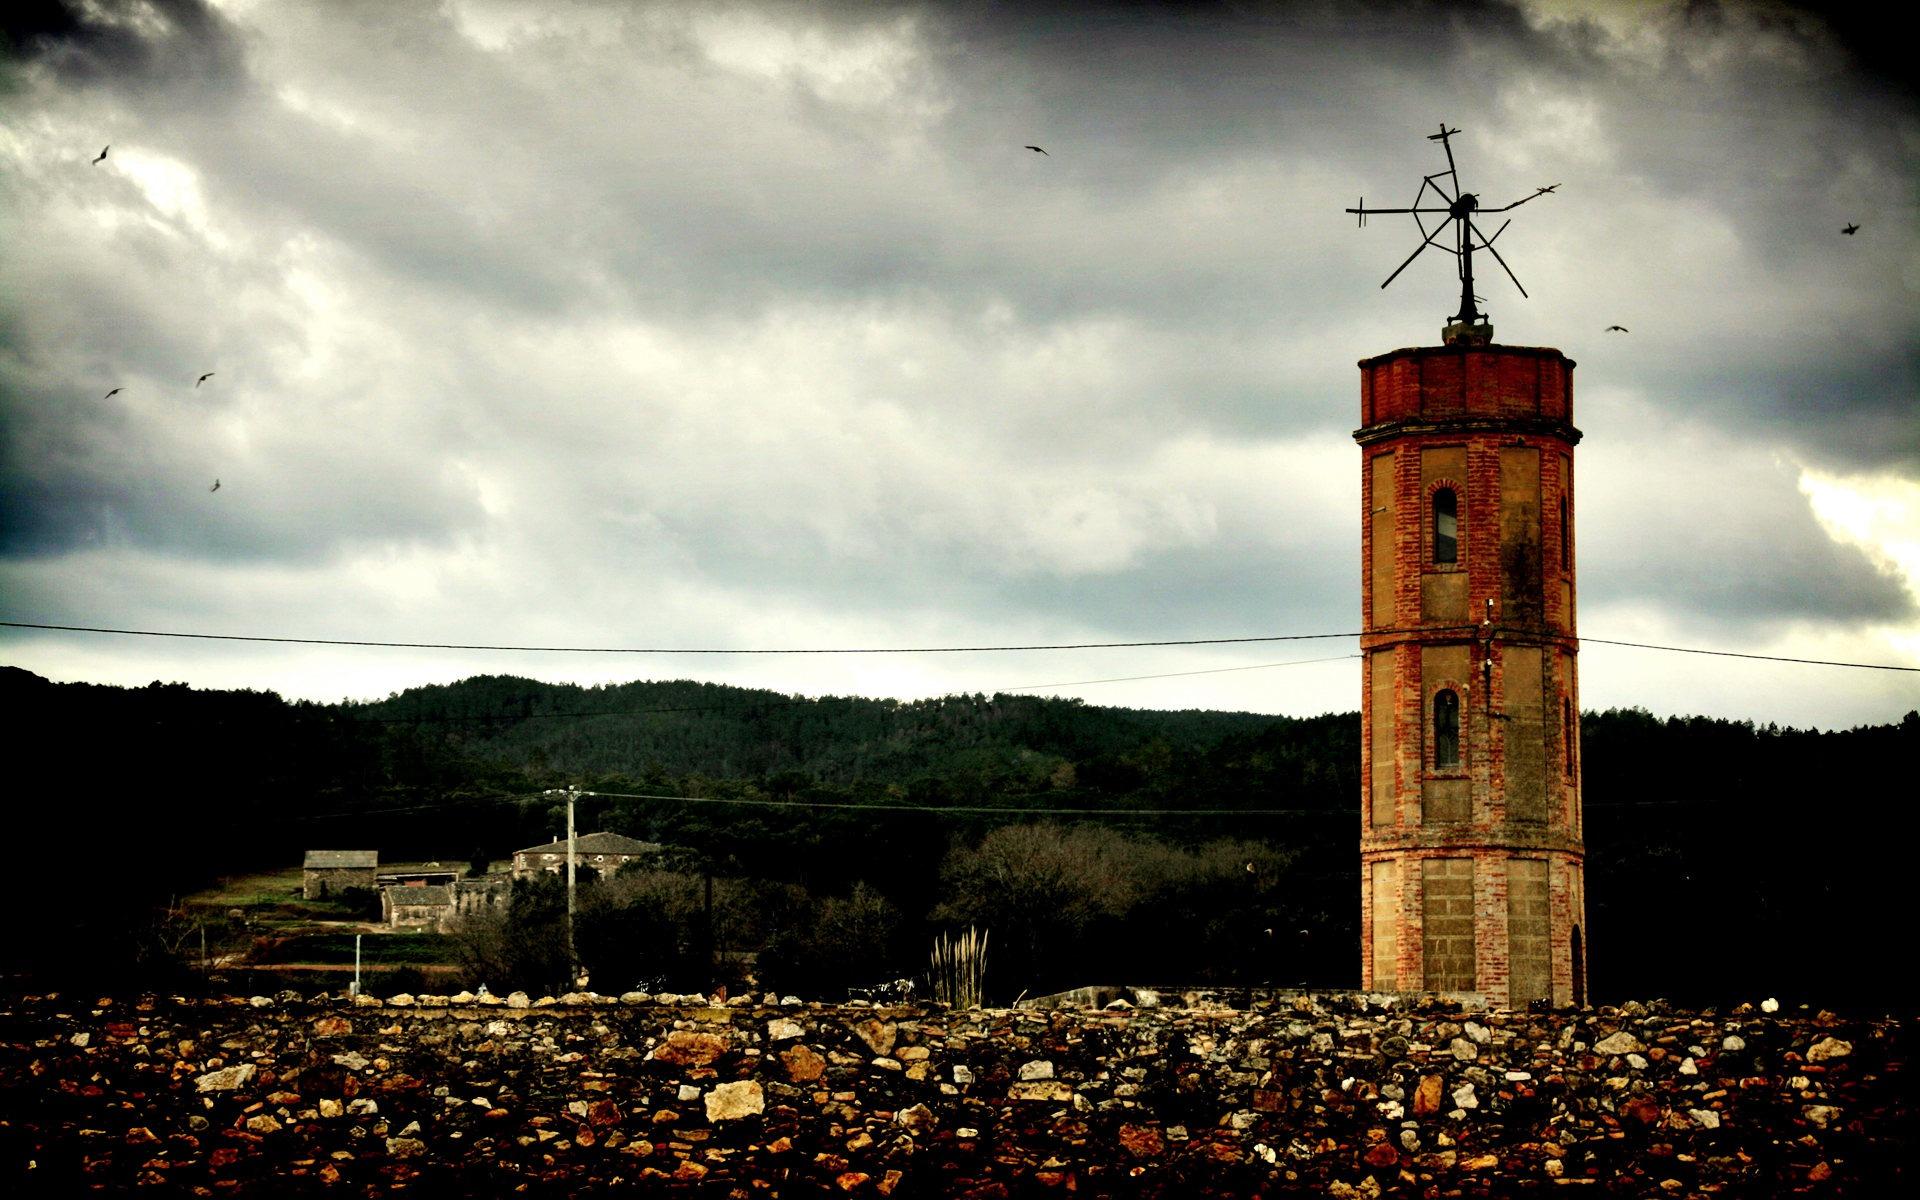 ノスタルジックな風景ジローナ スペインプレビュー 10wallpaper Com